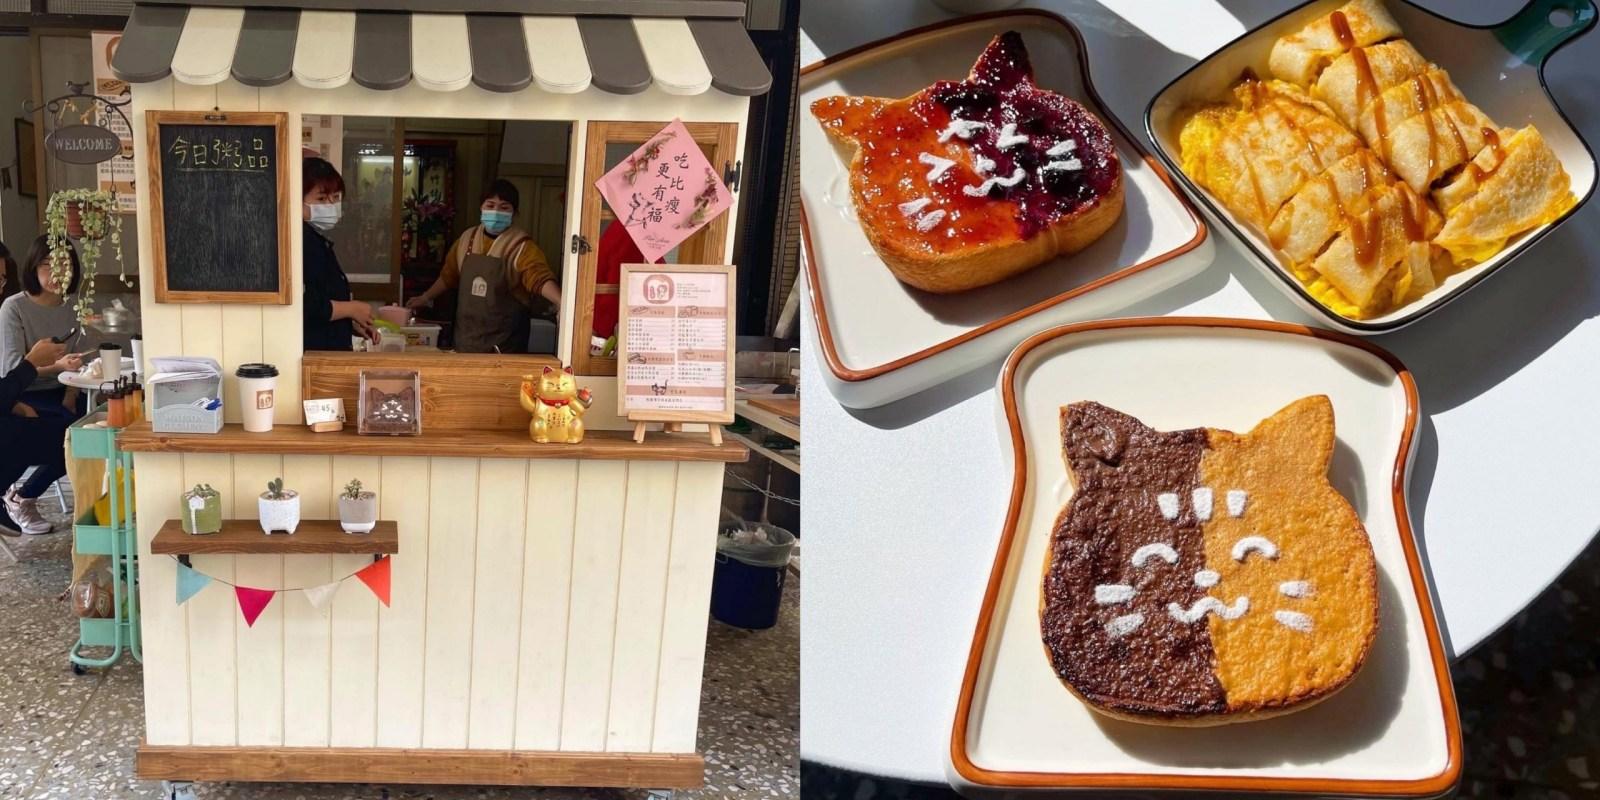 [高雄美食] 點秋香 - 超可愛的貓咪土司早餐店喚醒你一早的精神!